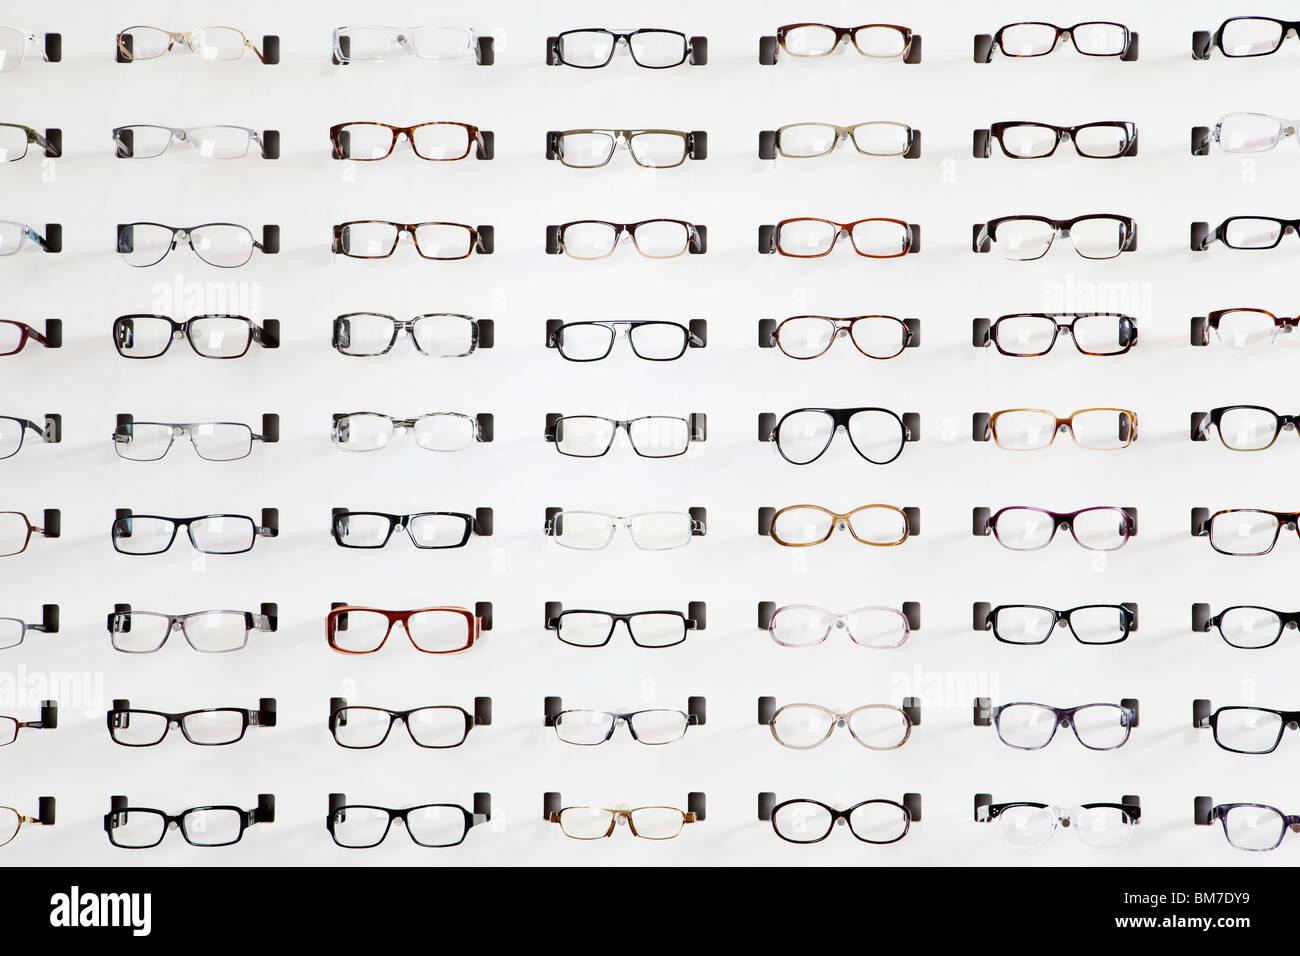 Eyeglasses display - An Eyeglasses Display In An Eyewear Store